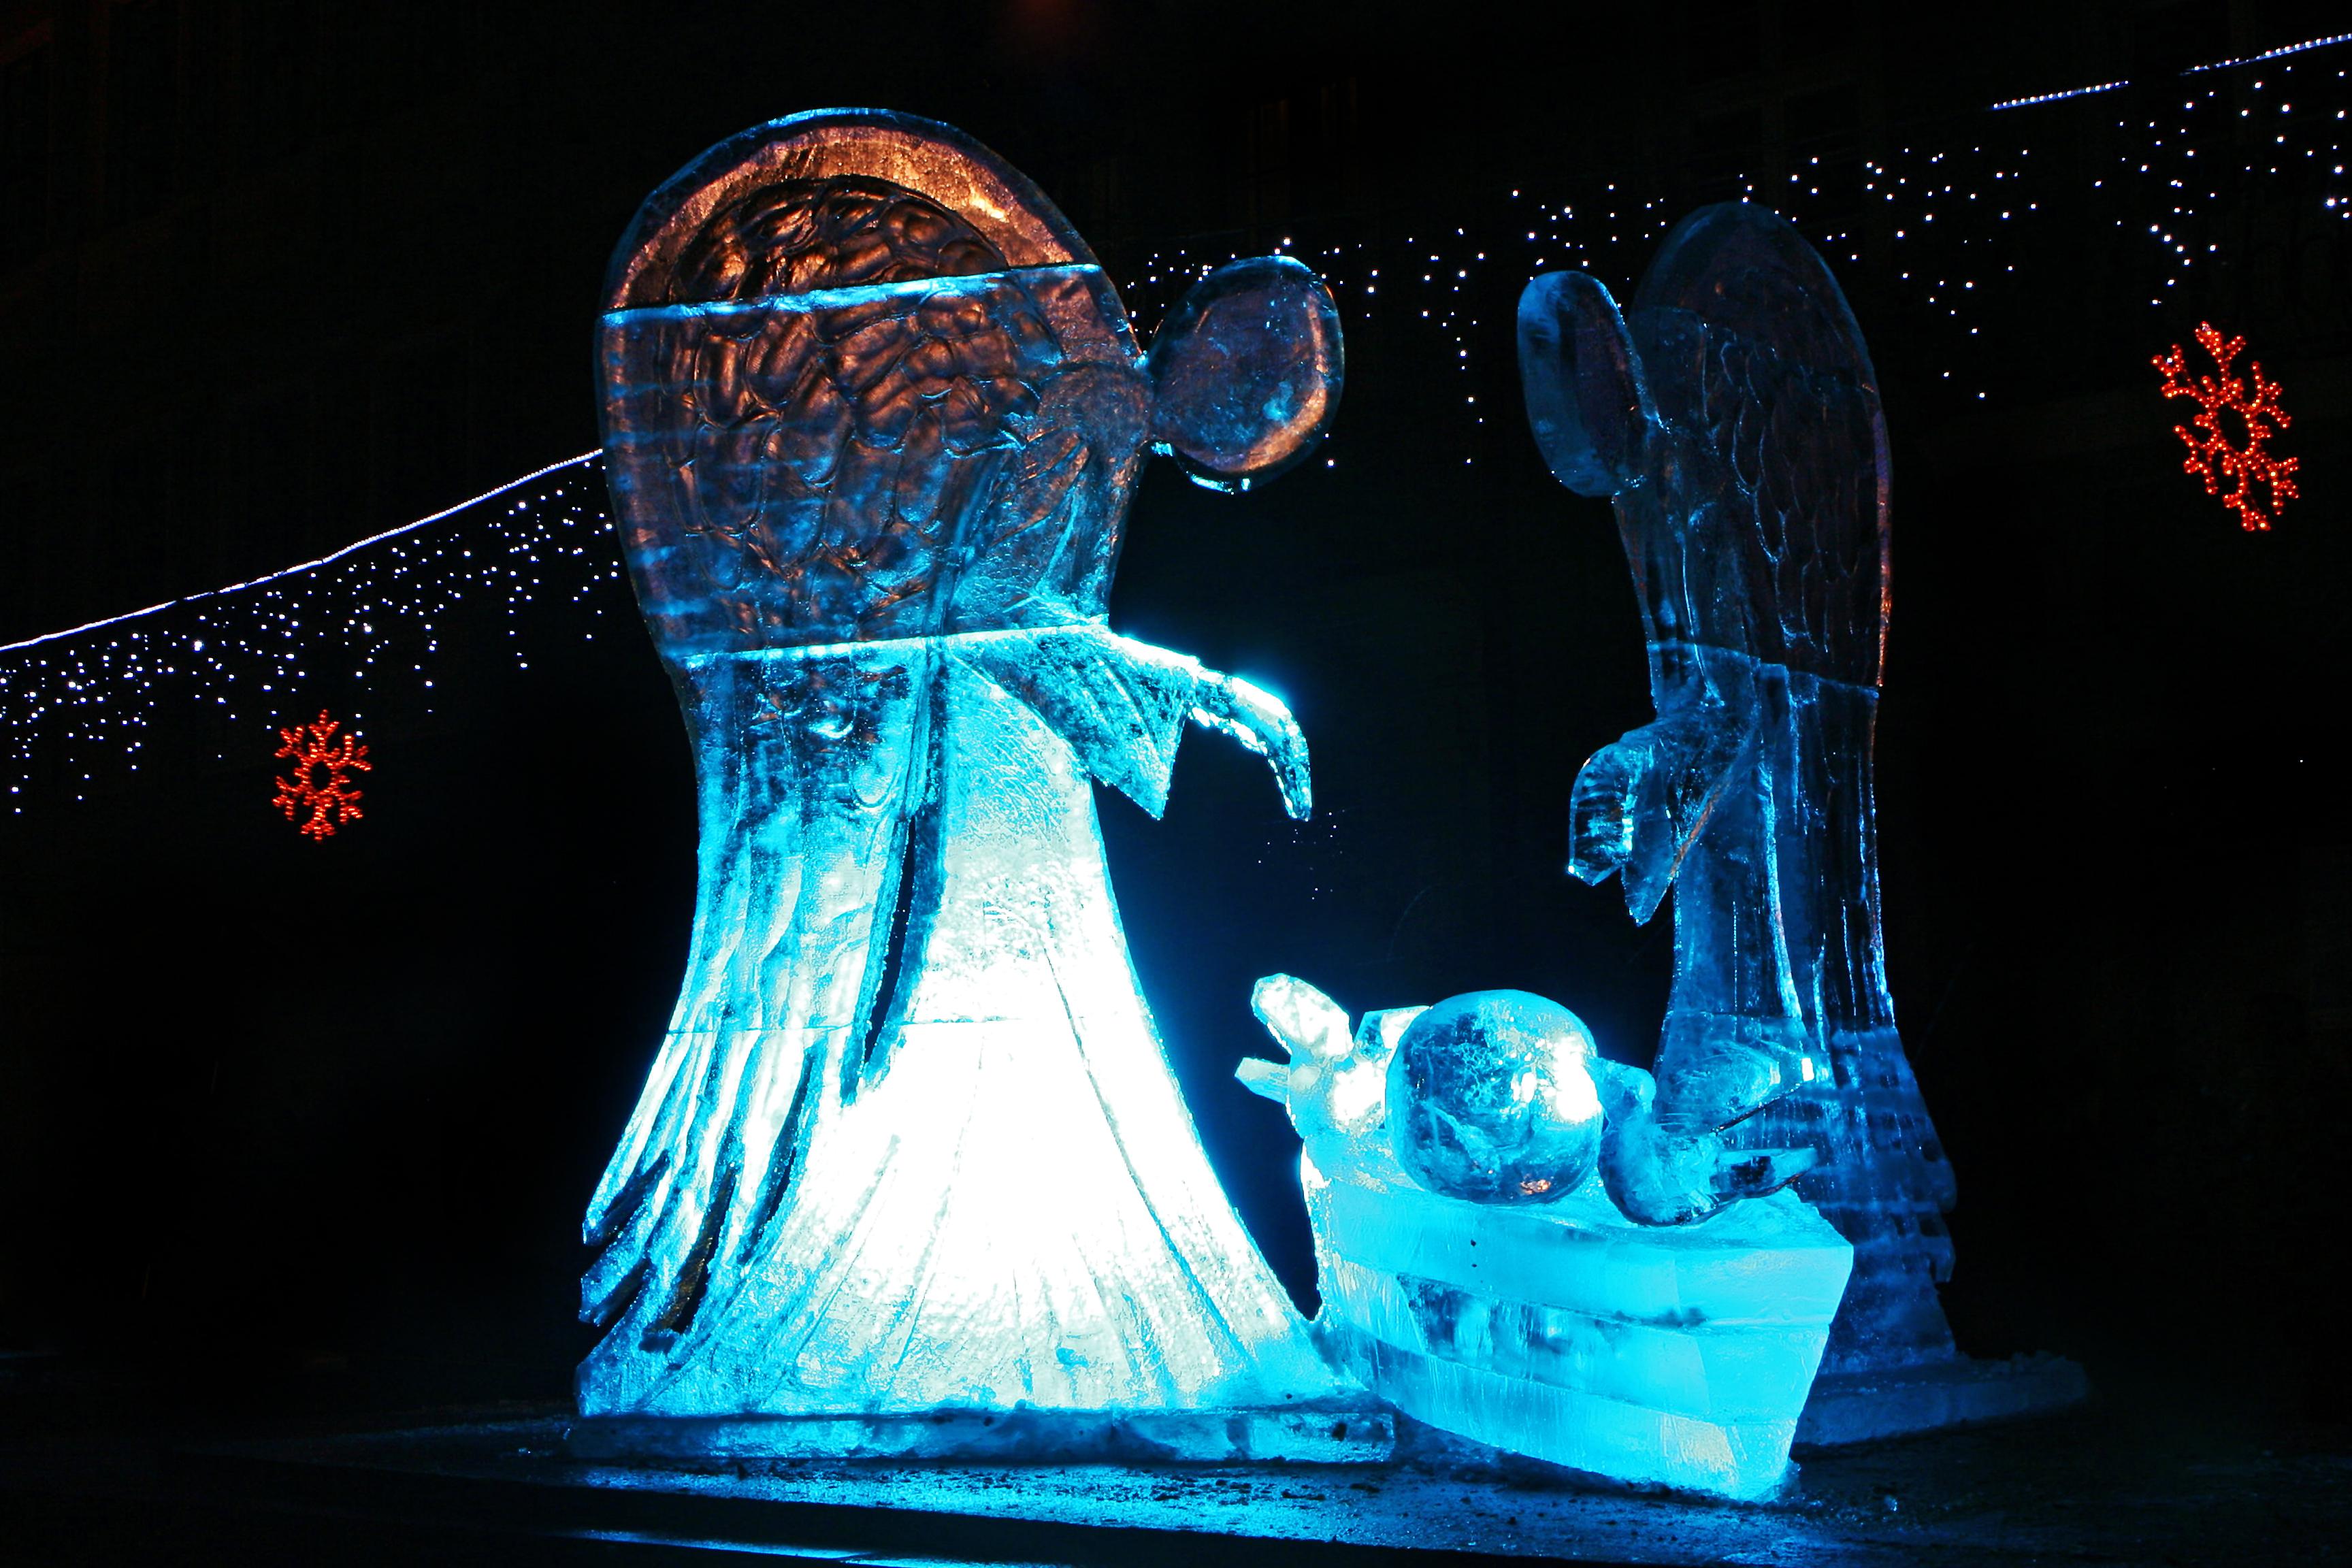 <p>Лъв</p>  <p>Проверете дали в града има изложба на ледени скулптури или пък празнично запалване на светлините на елхата и да отидете заедно.</p>